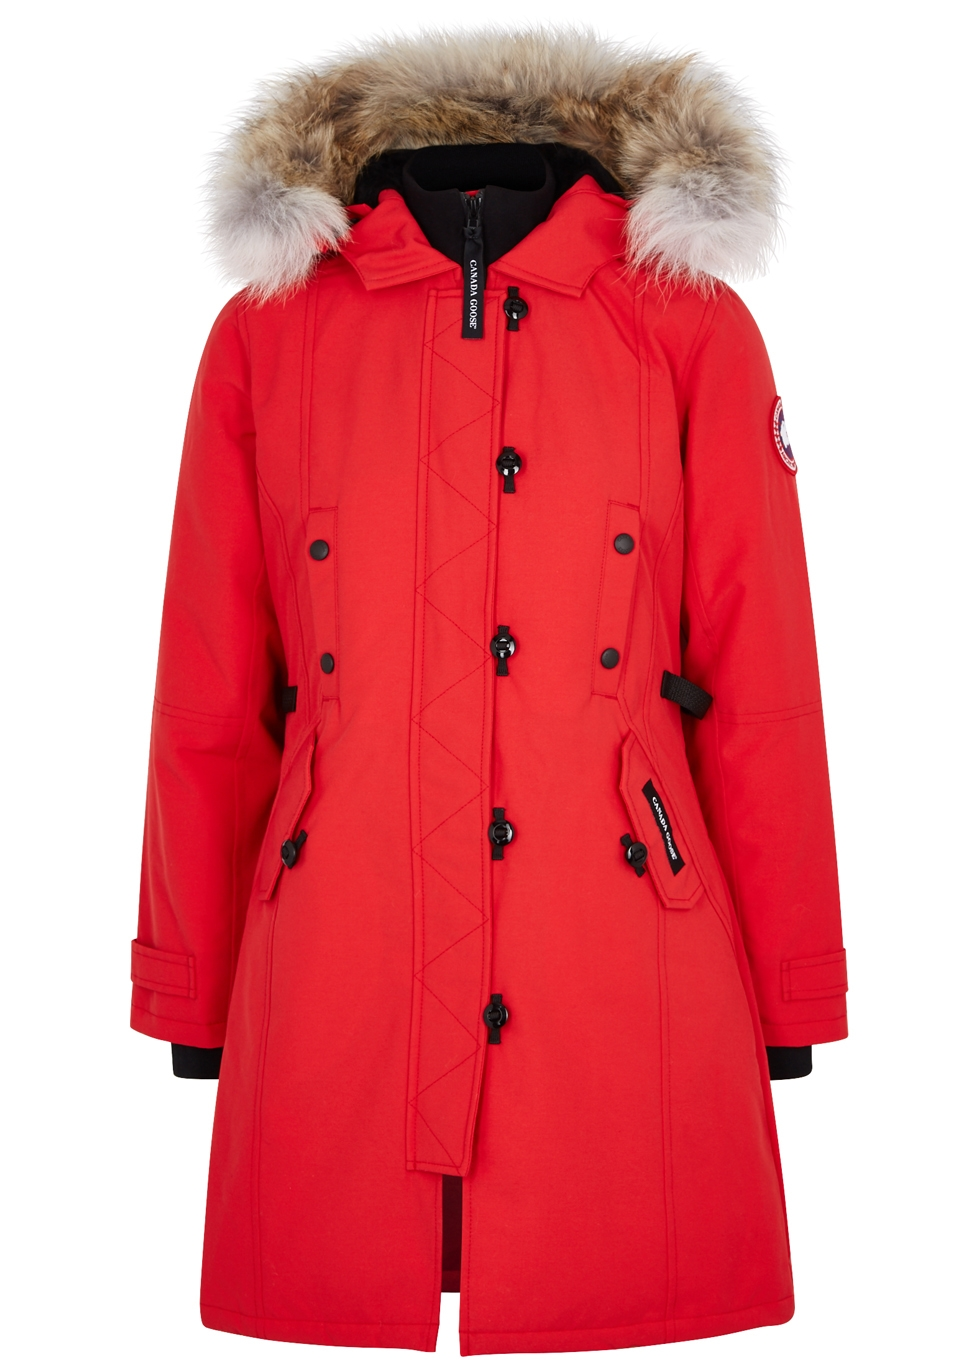 d4adb2606be Designer Coats - Women s Winter Coats - Harvey Nichols